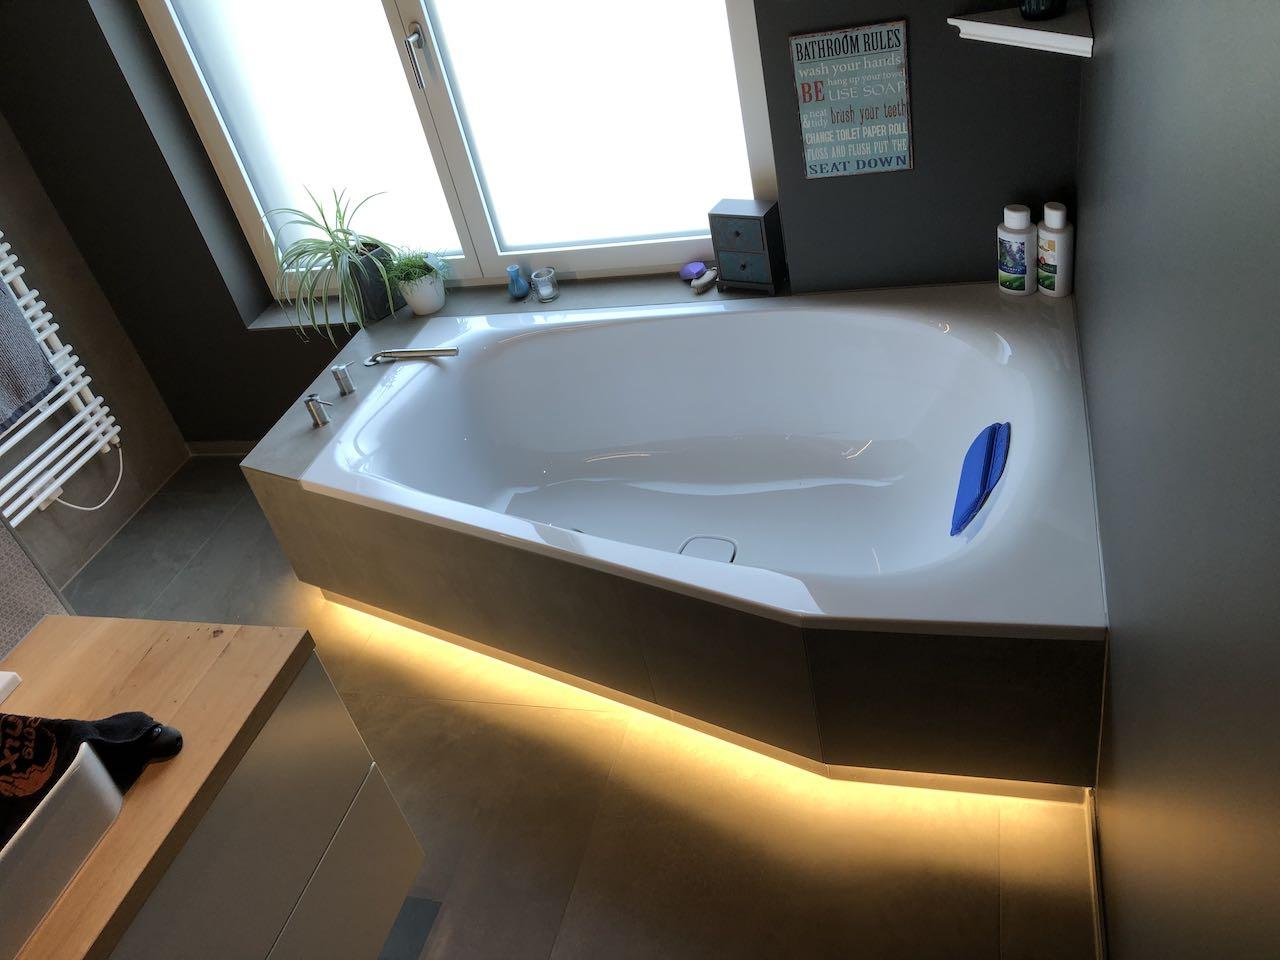 Indirekte Badewannebeleuchtung mit LED